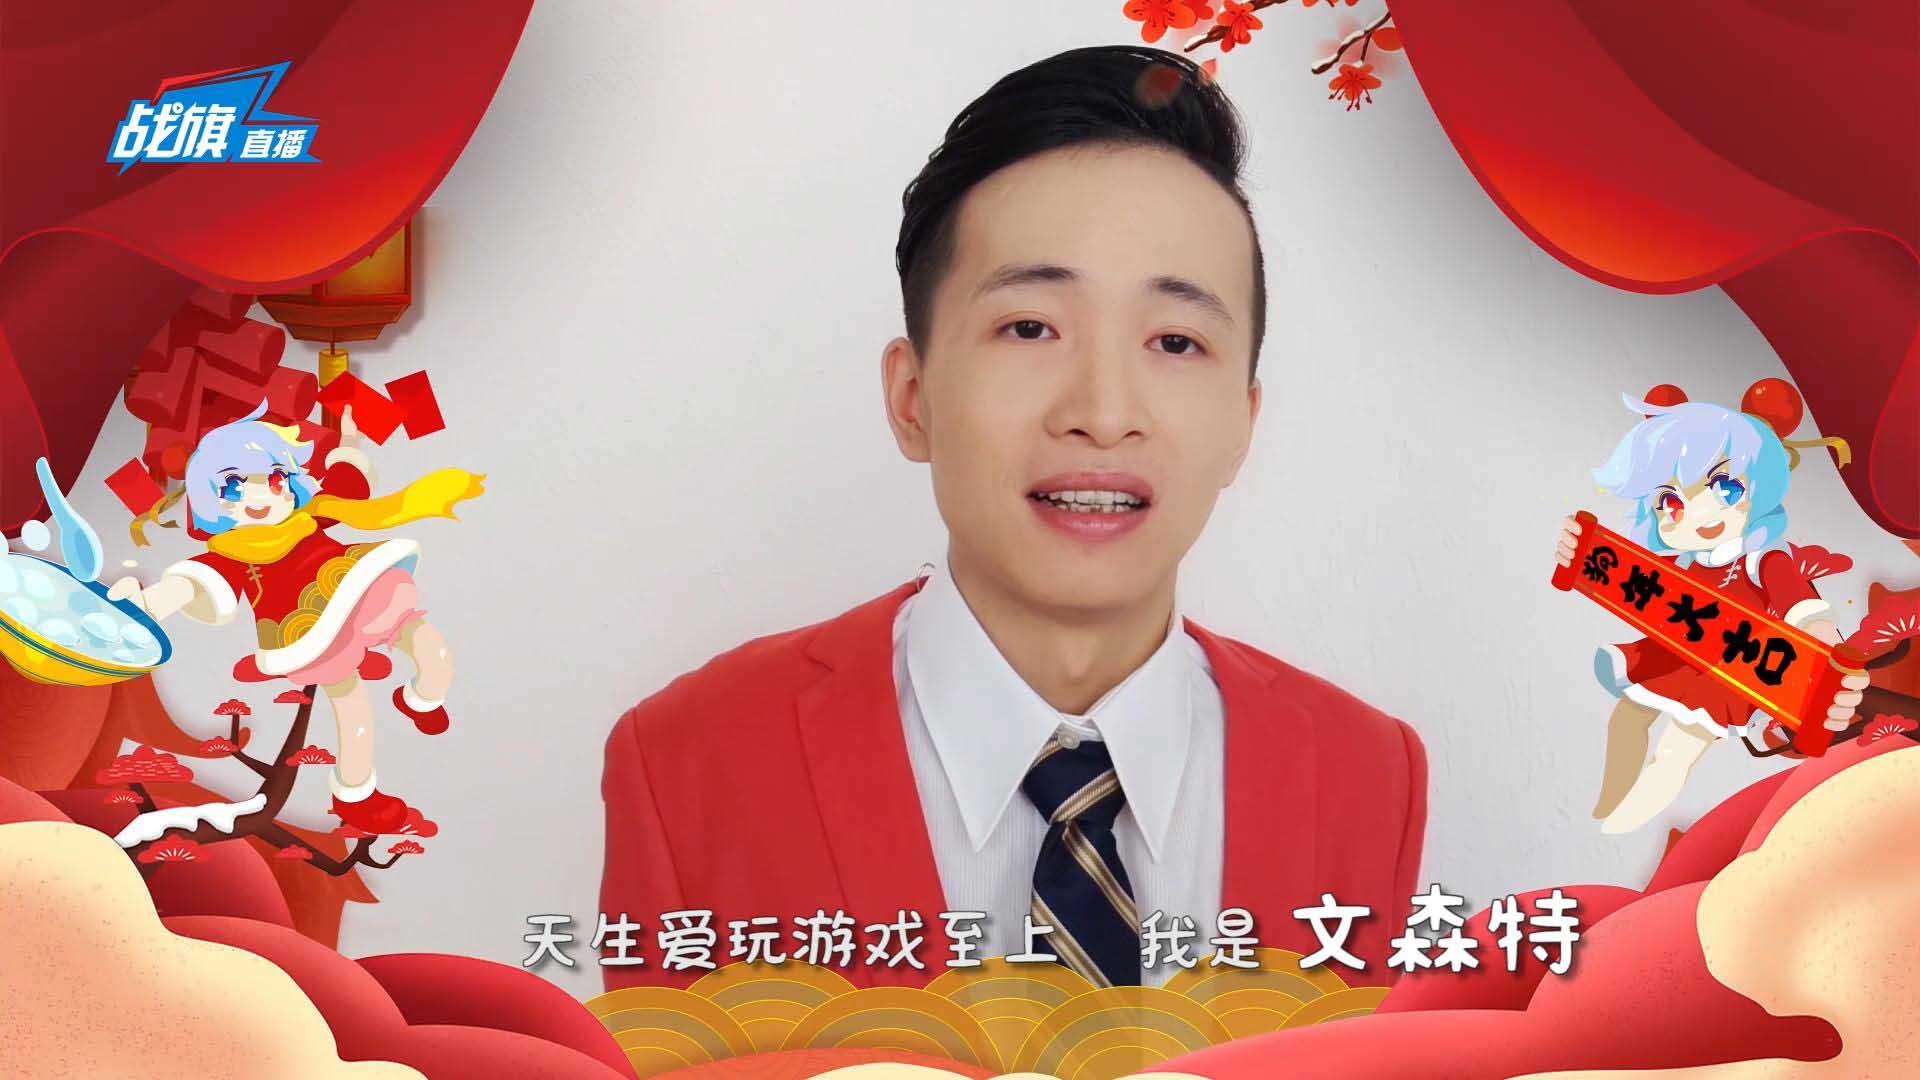 (15号备量)战旗祝您新年快乐!新的一年红红火火!顺顺利利!我们在战旗等你哟!